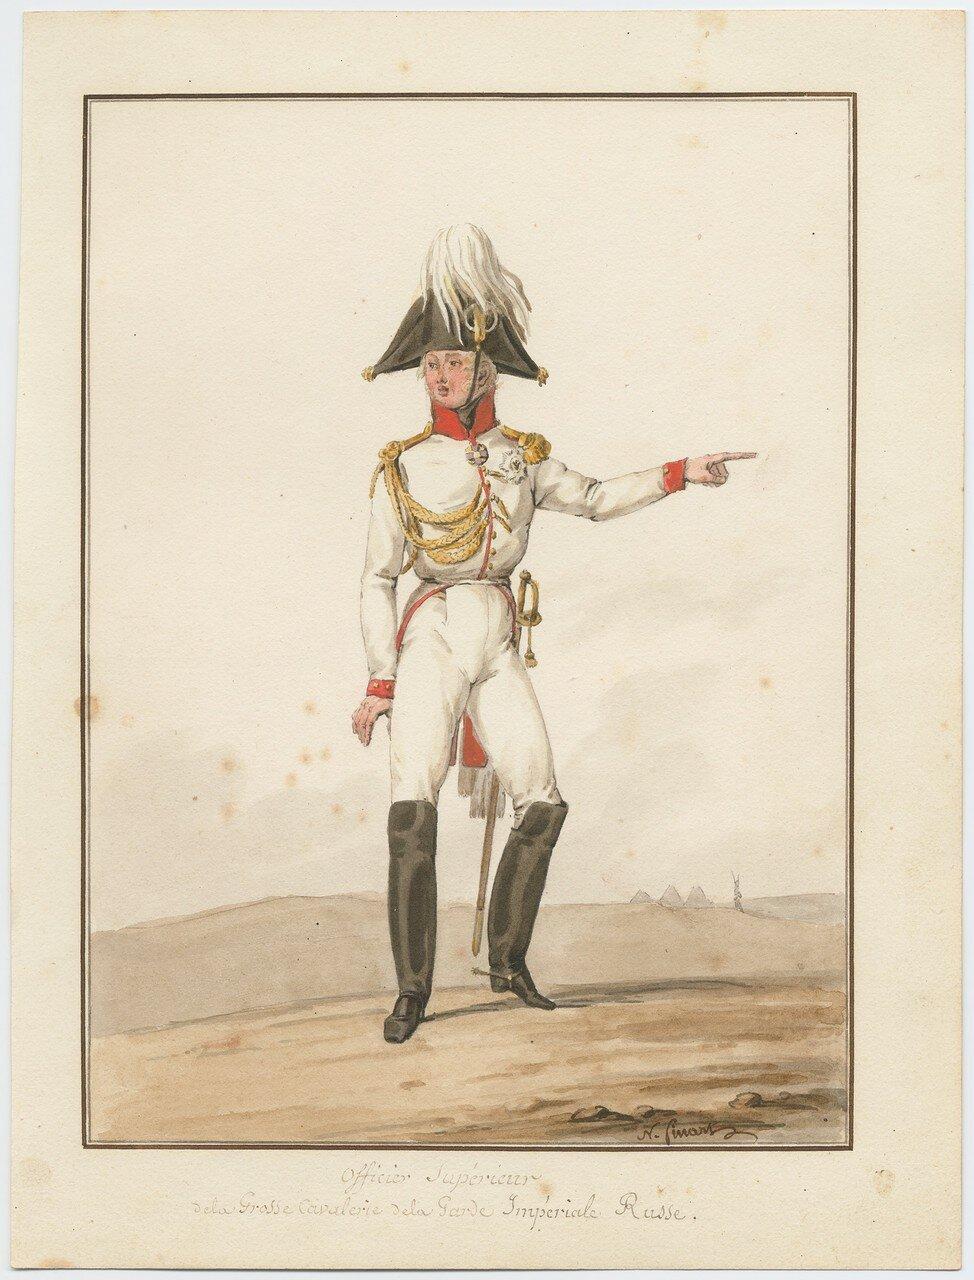 Адьютант тяжелой кавалерии русской императорской гвардии, 1815